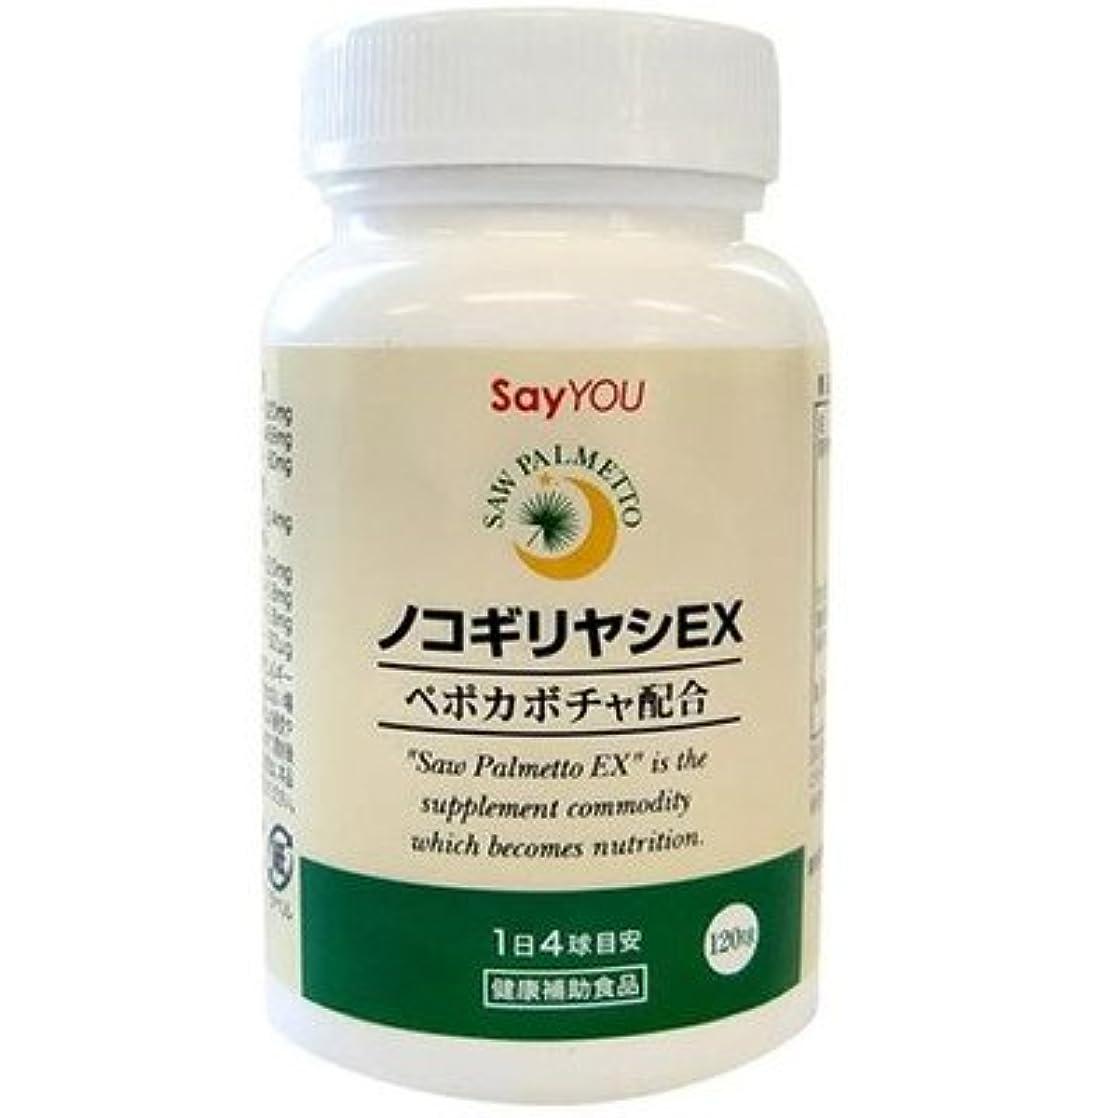 社会風が強い想定セイユーコーポレーション ノコギリヤシEX 健康補助食品 120球 (約30日分)